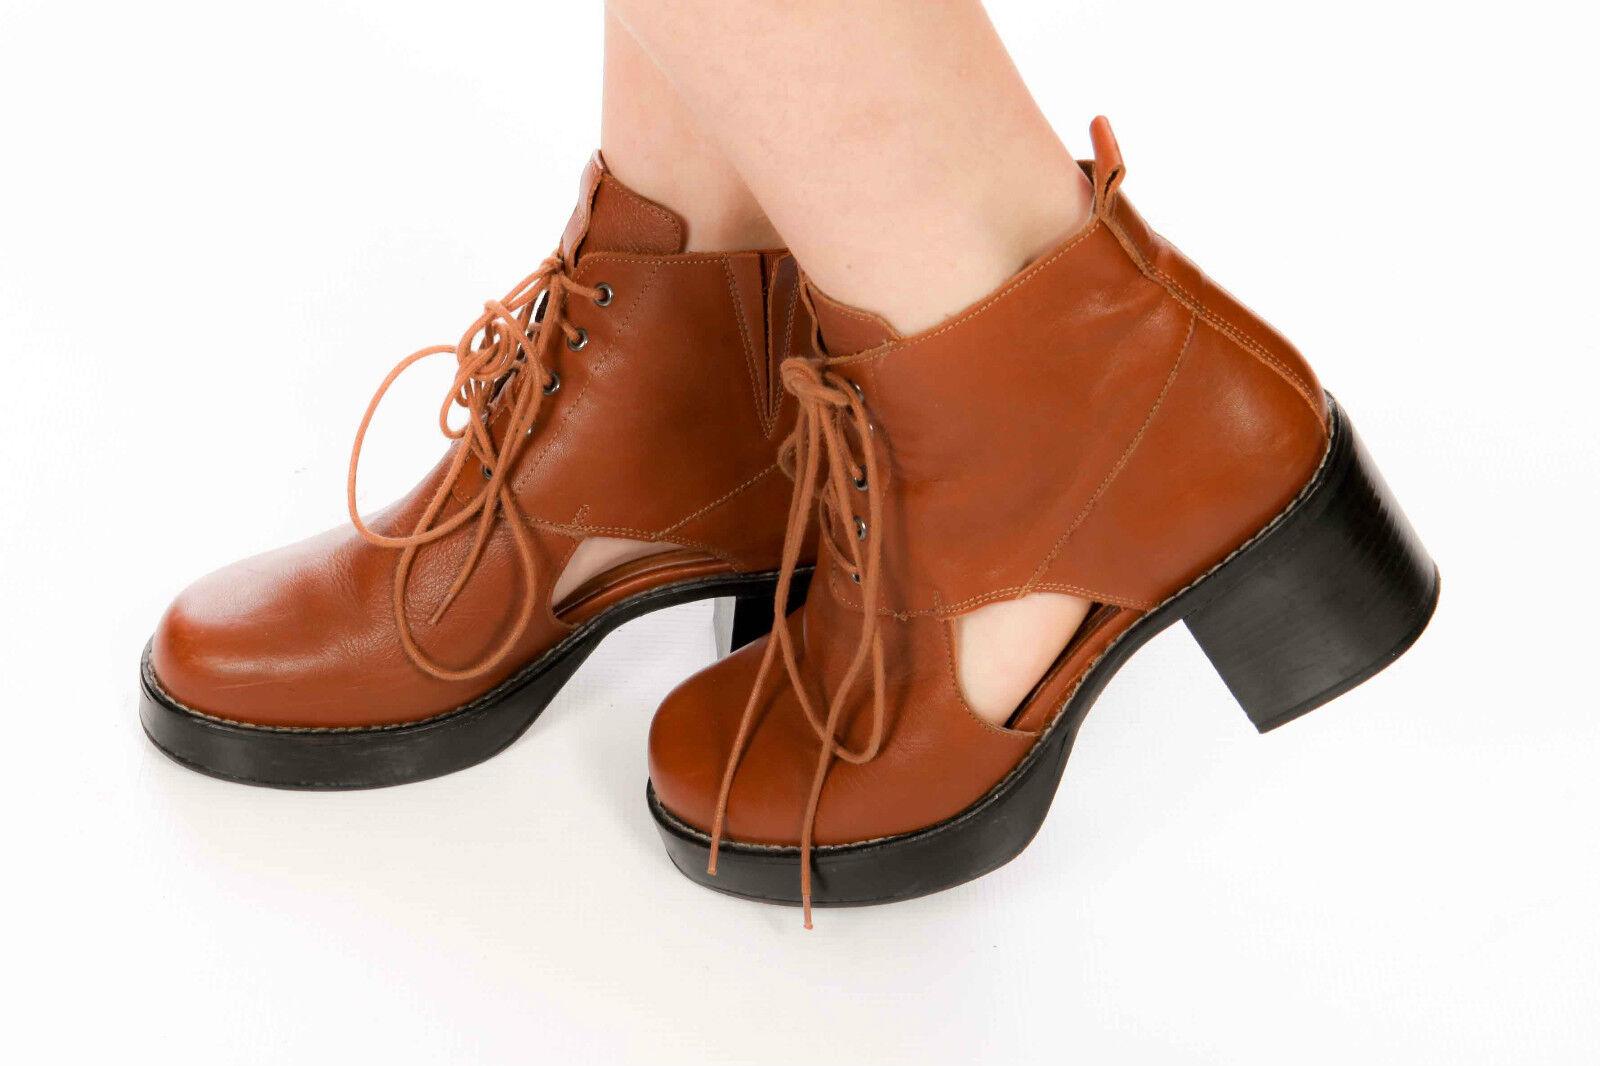 Grueso De Cuero Tostado Topshop botas al tobillo con Cordones de cortar partes